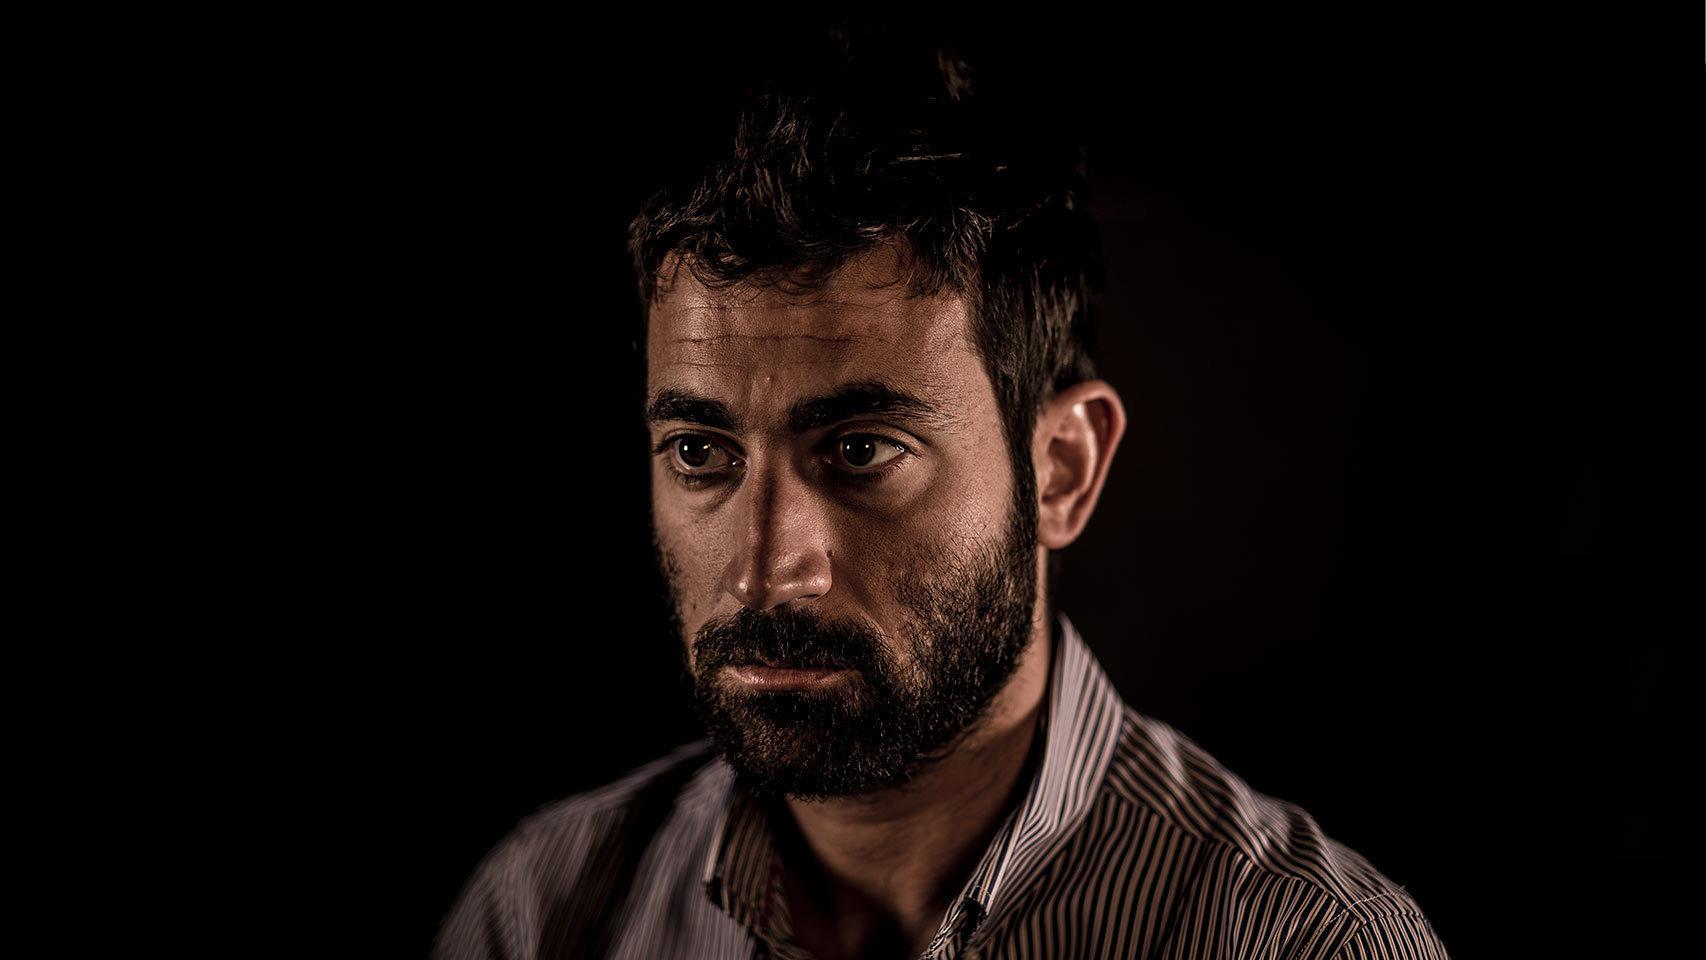 Alejandro Requeijo de la sección de España.